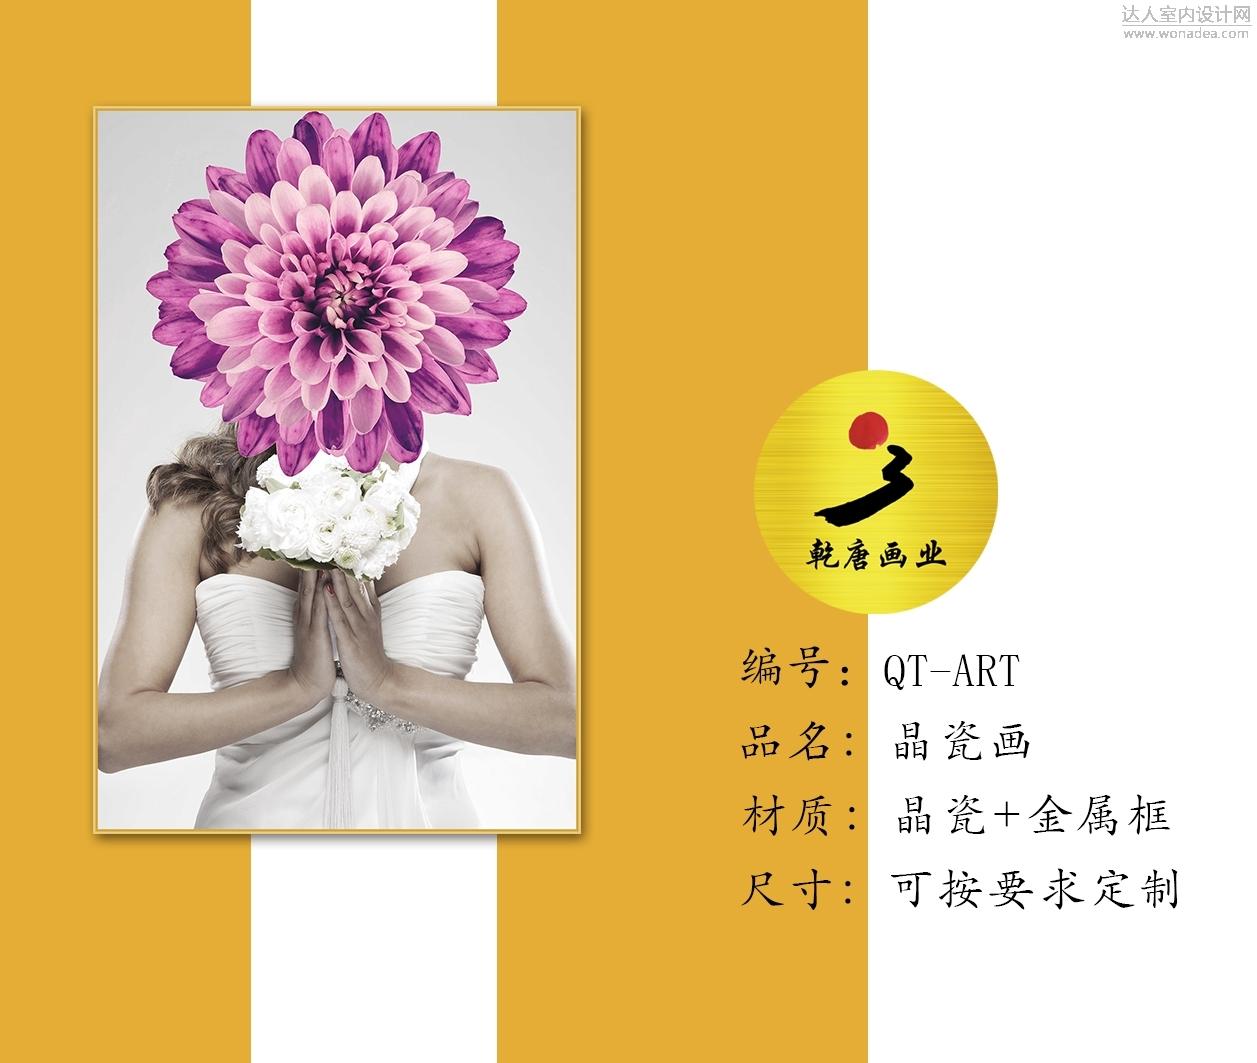 QT-ART-8 (85).jpg